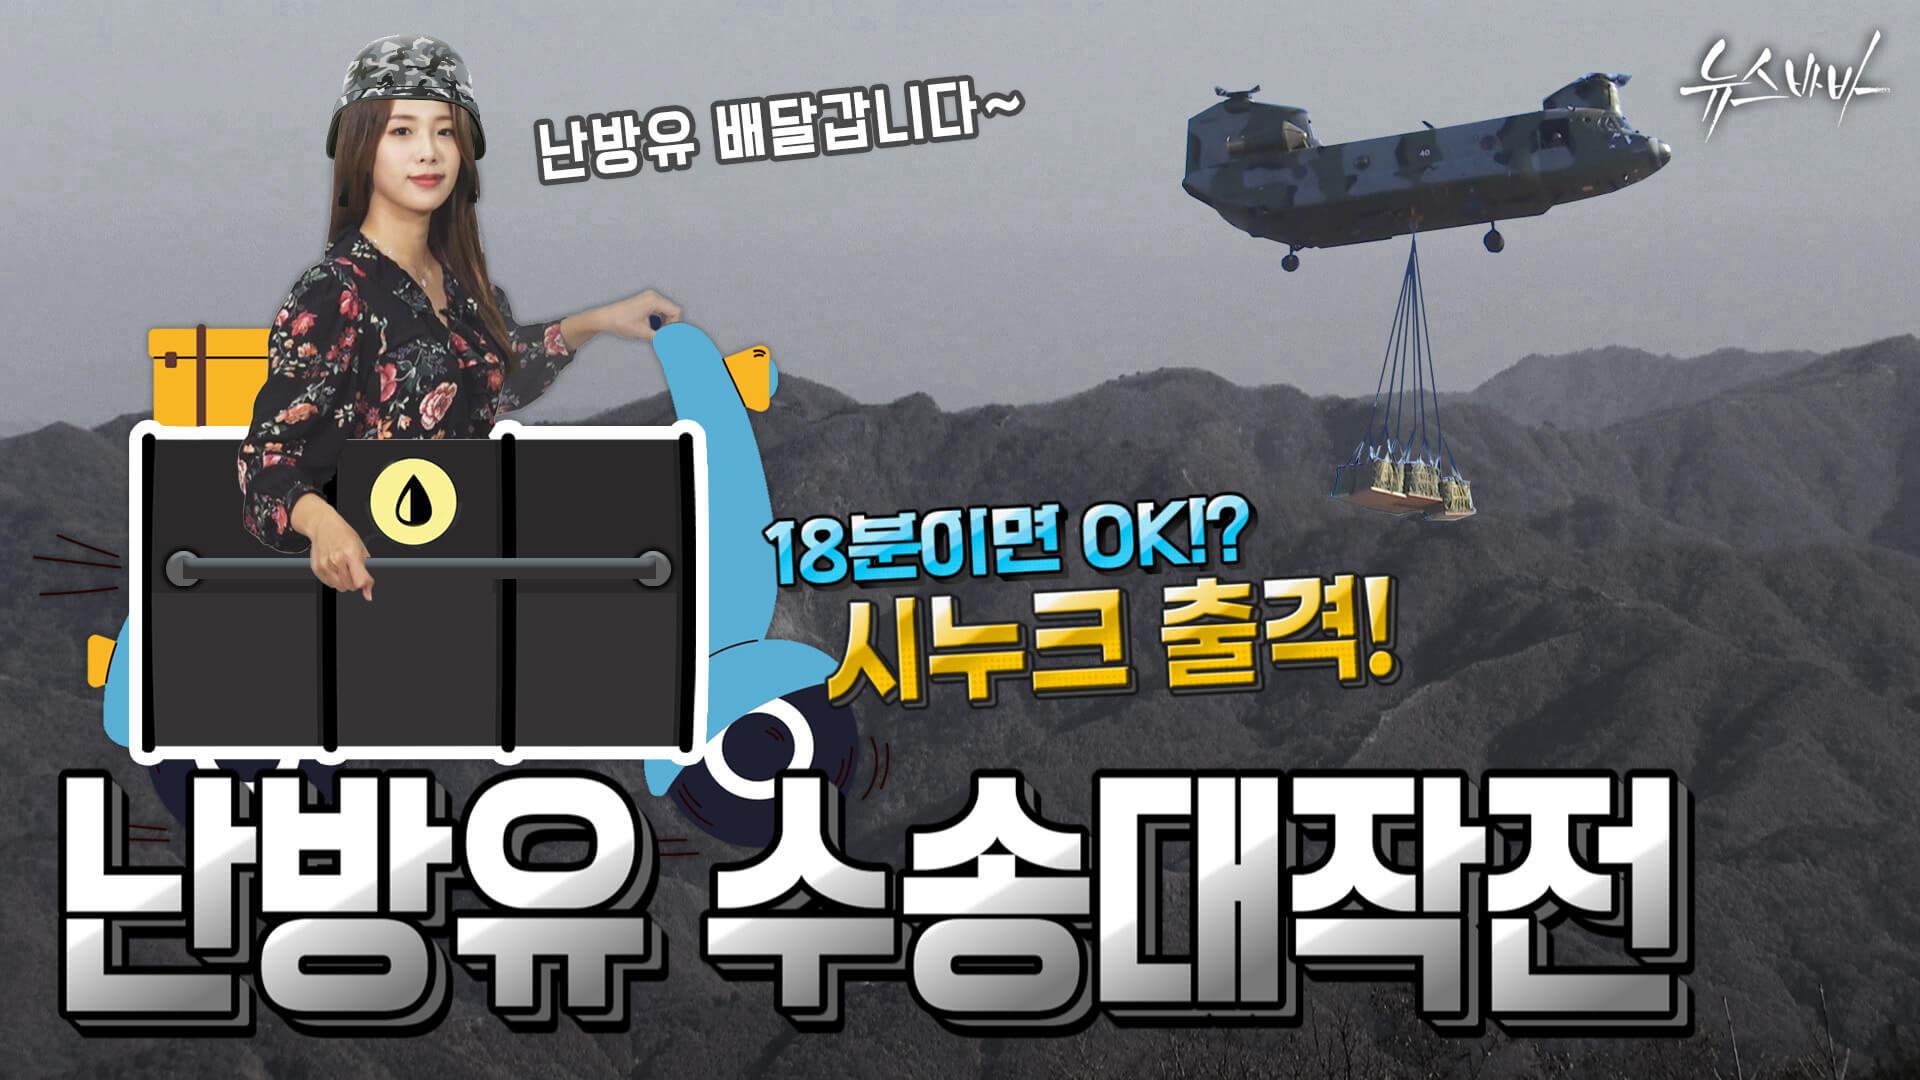 [뉴스바바] 시누크 출격! 난방유